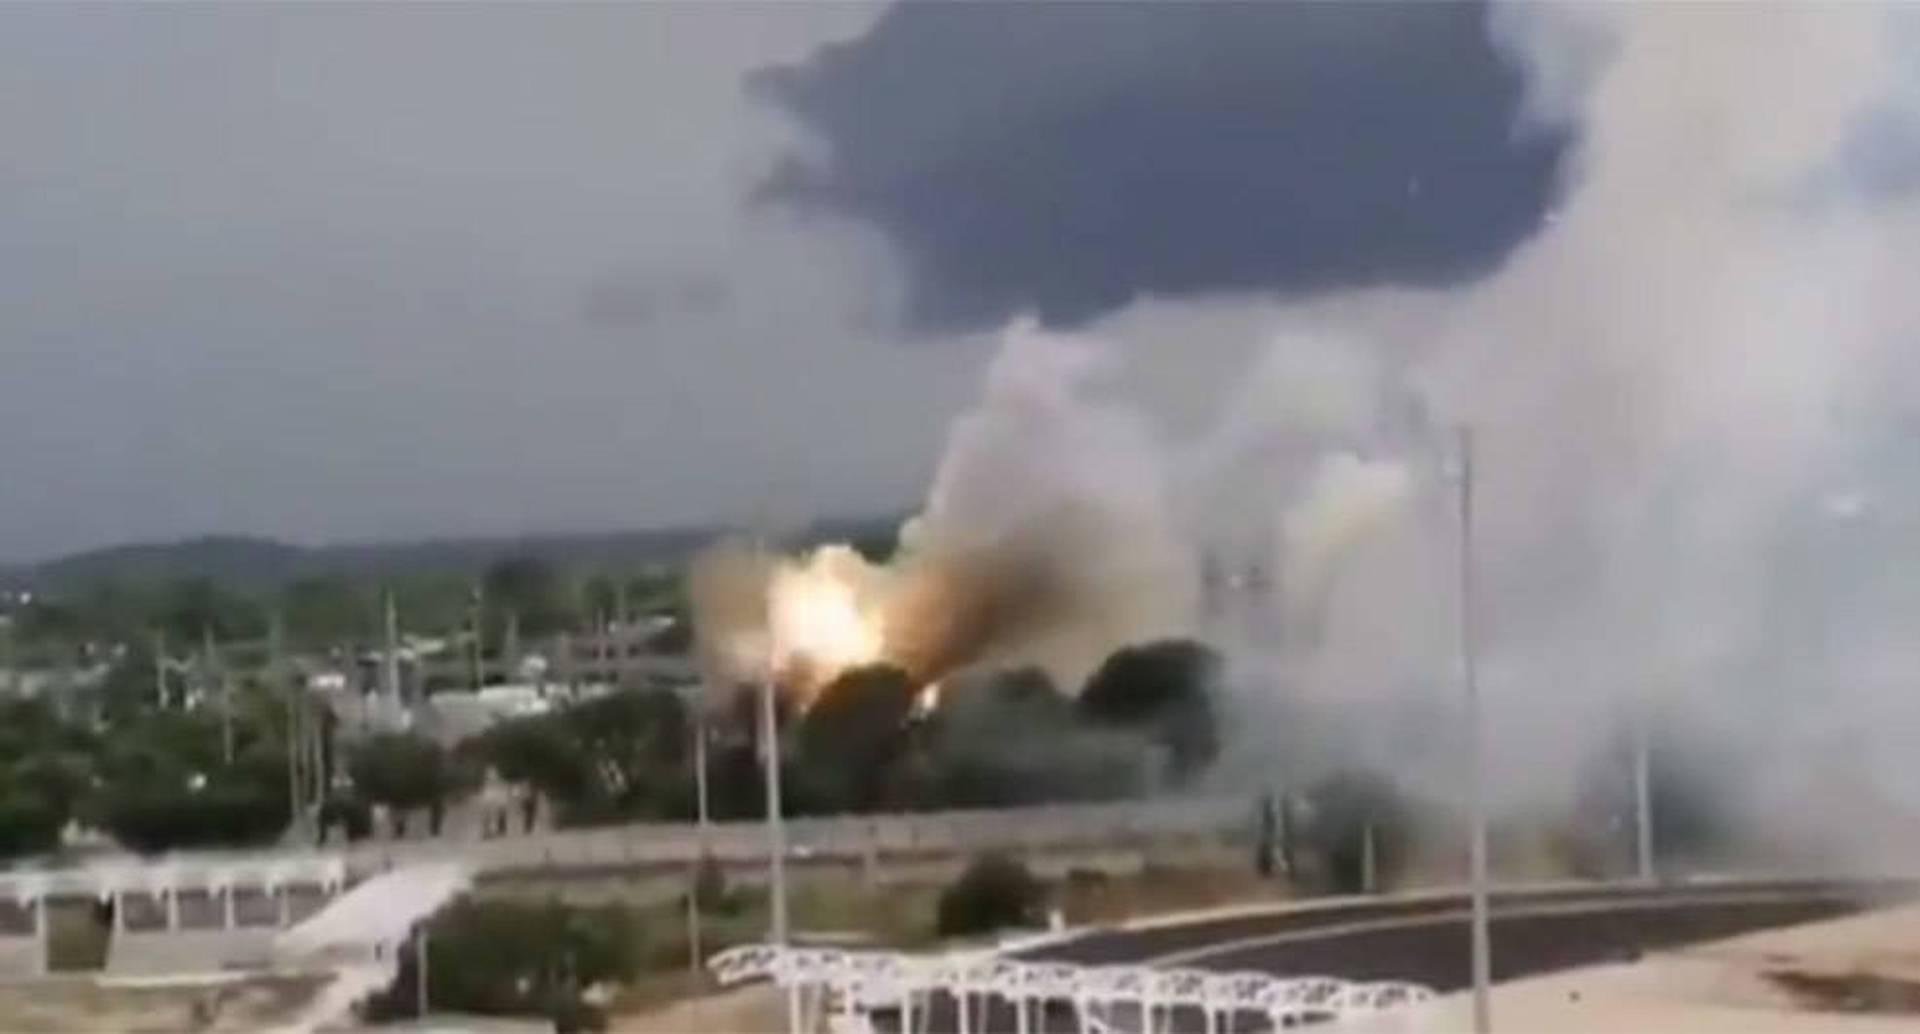 Captura de imagen de un video en el que se aprecia la dimensión del incendió generado.